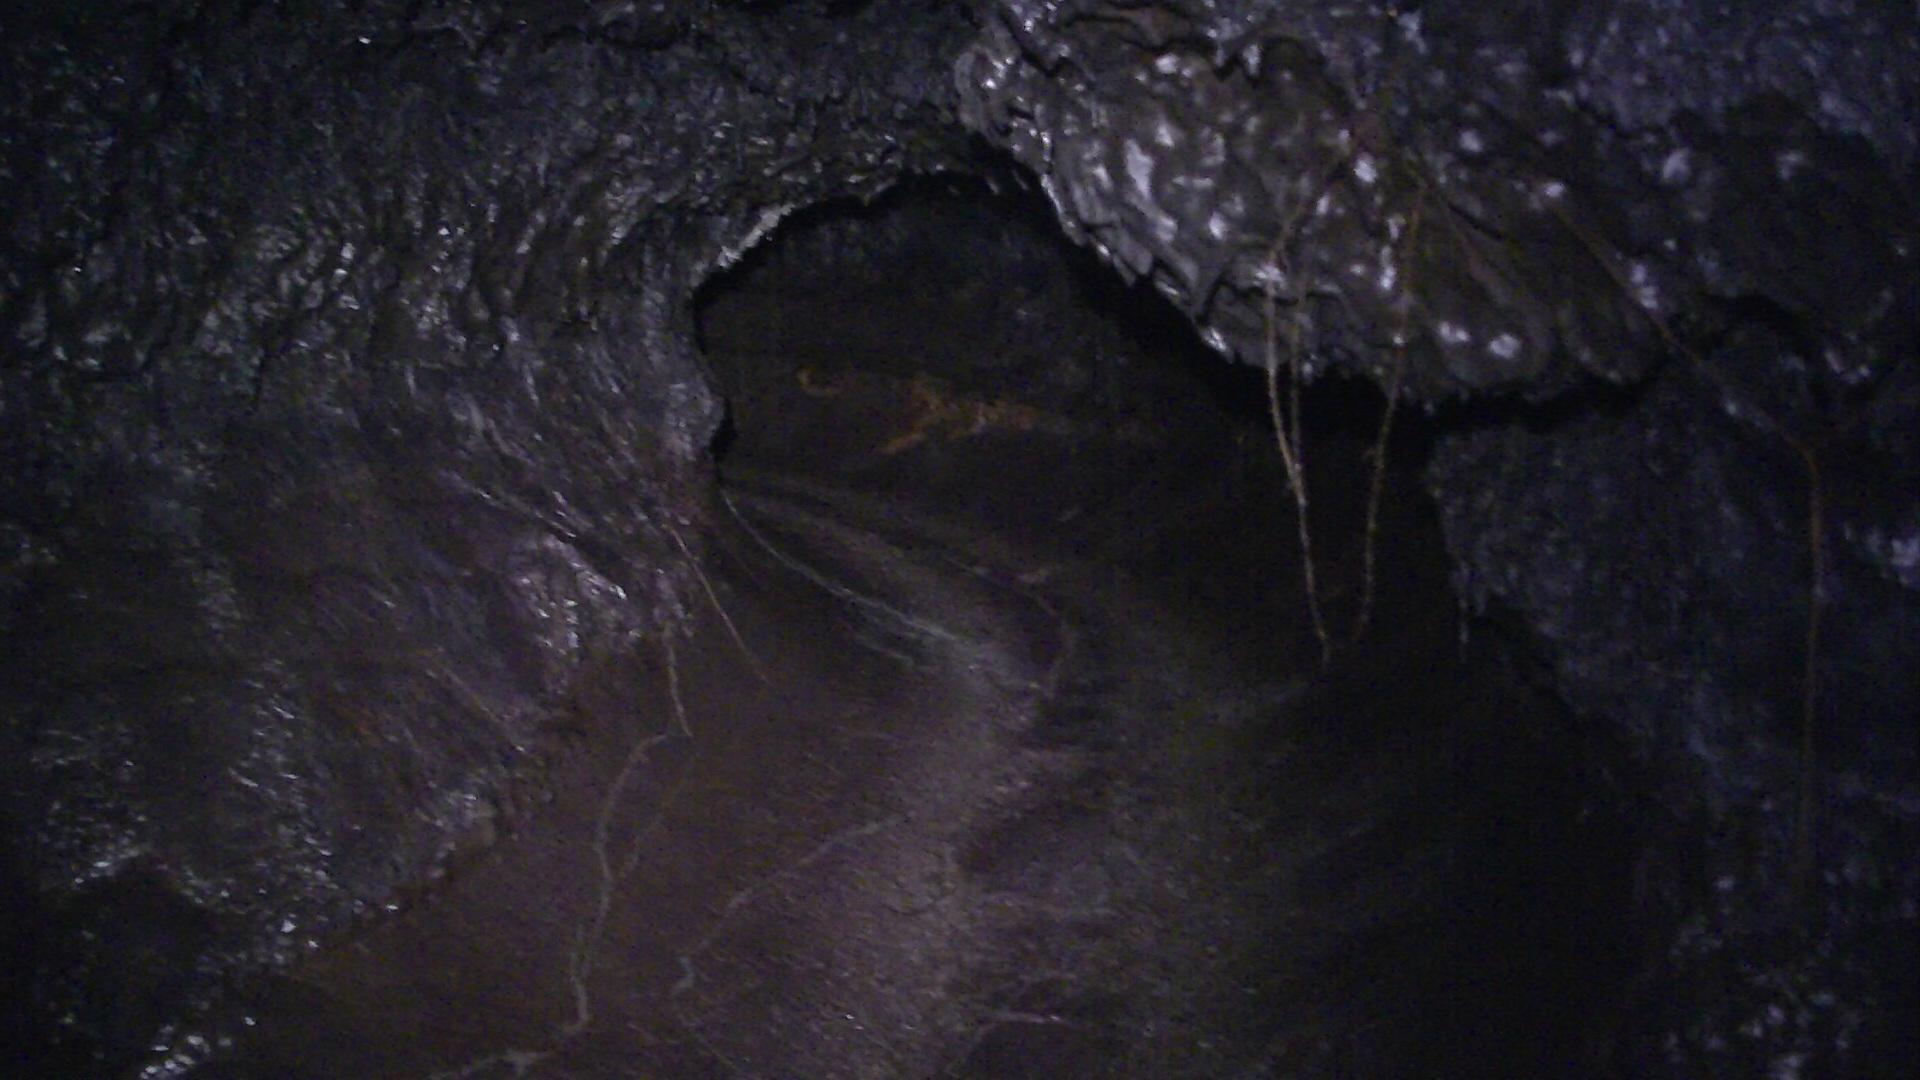 Sortie d couverte des tunnels de lave le 21 oct 2012 12 for Ouvre la fenetre translation